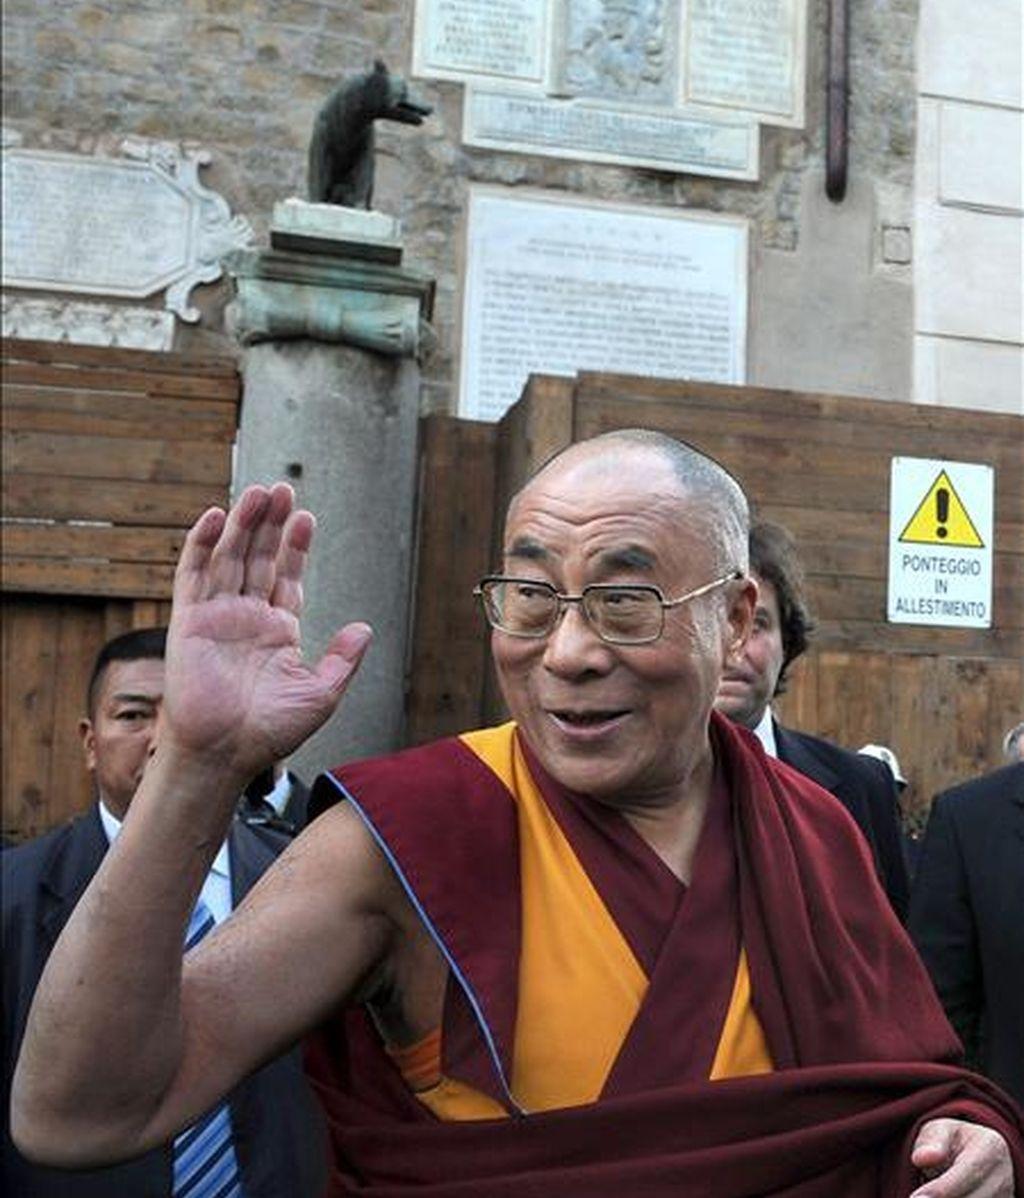 """El Dalai Lama, líder espiritual del Tíbet, saluda a su llegada al Ayuntamiento de Roma, Italia, durante el acto en el que recibió la """"ciudadanía honoraria"""" de la capital italiana, hoy, 9 de febrero. El Dalai Lama anunció hoy que está """"preparado"""" para retirarse """"en breve"""" de los asuntos políticos del Tibet, puesto que se ha consolidado """"un sistema democrático desde 2001"""". EFE"""